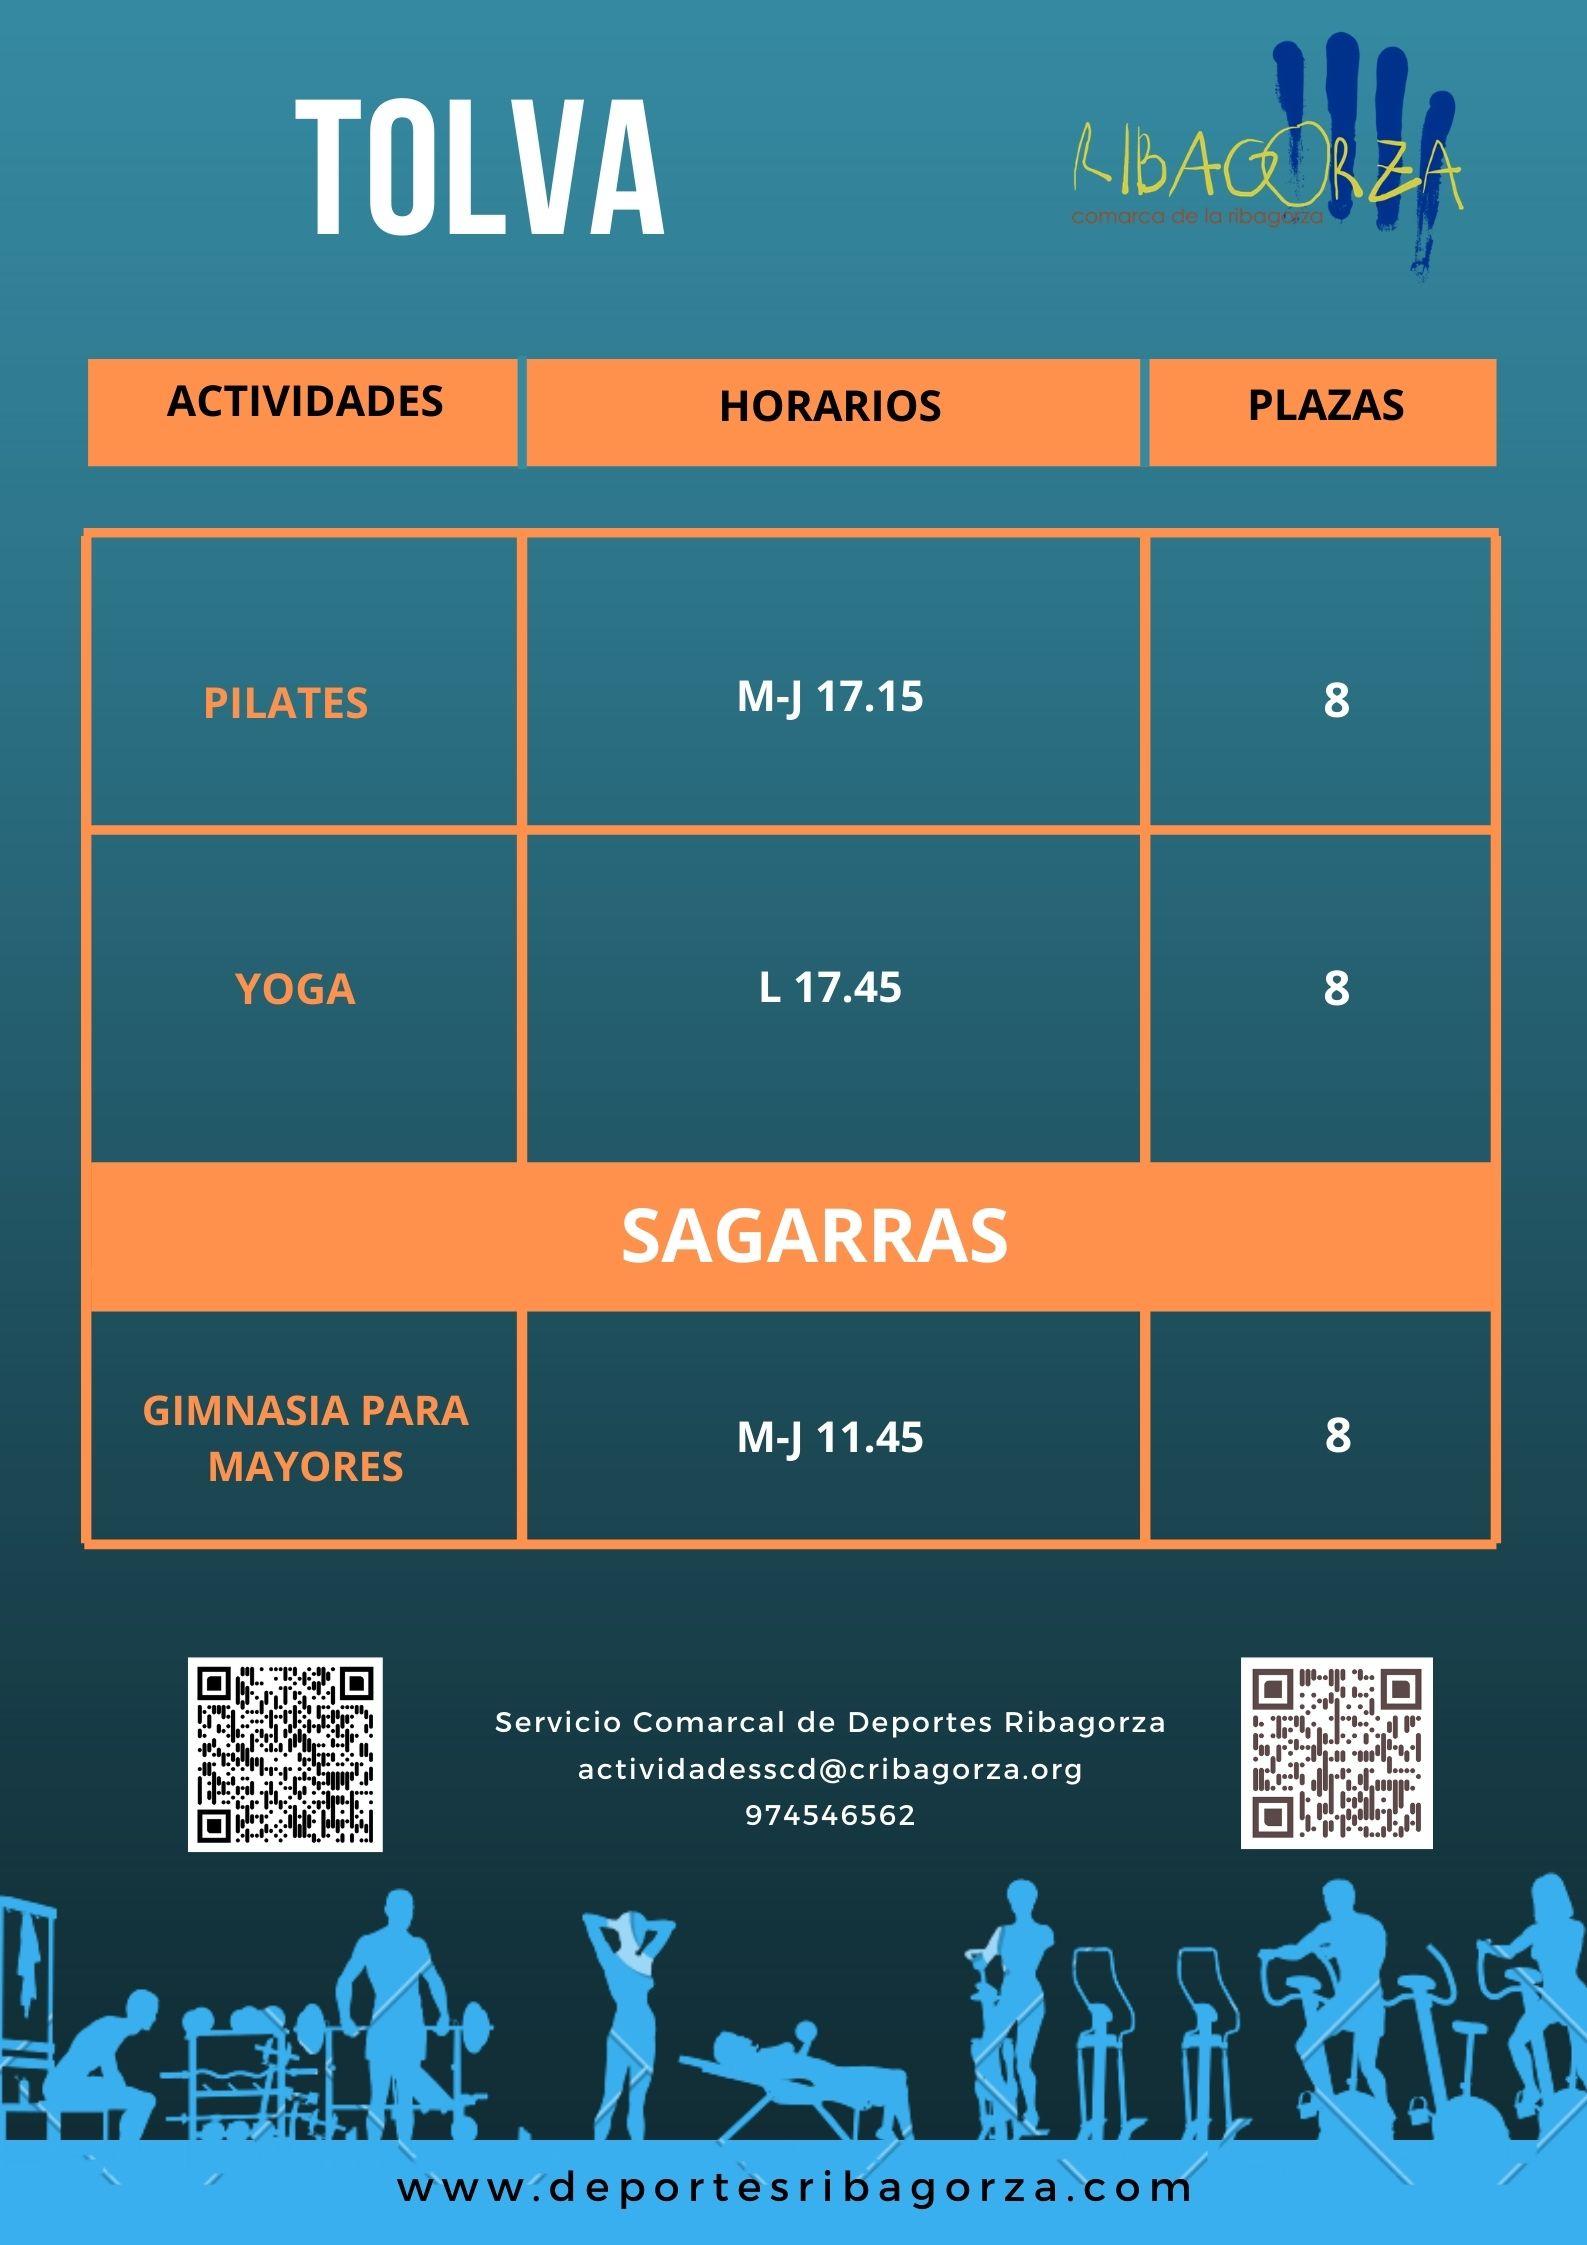 Tolva - Sagarras